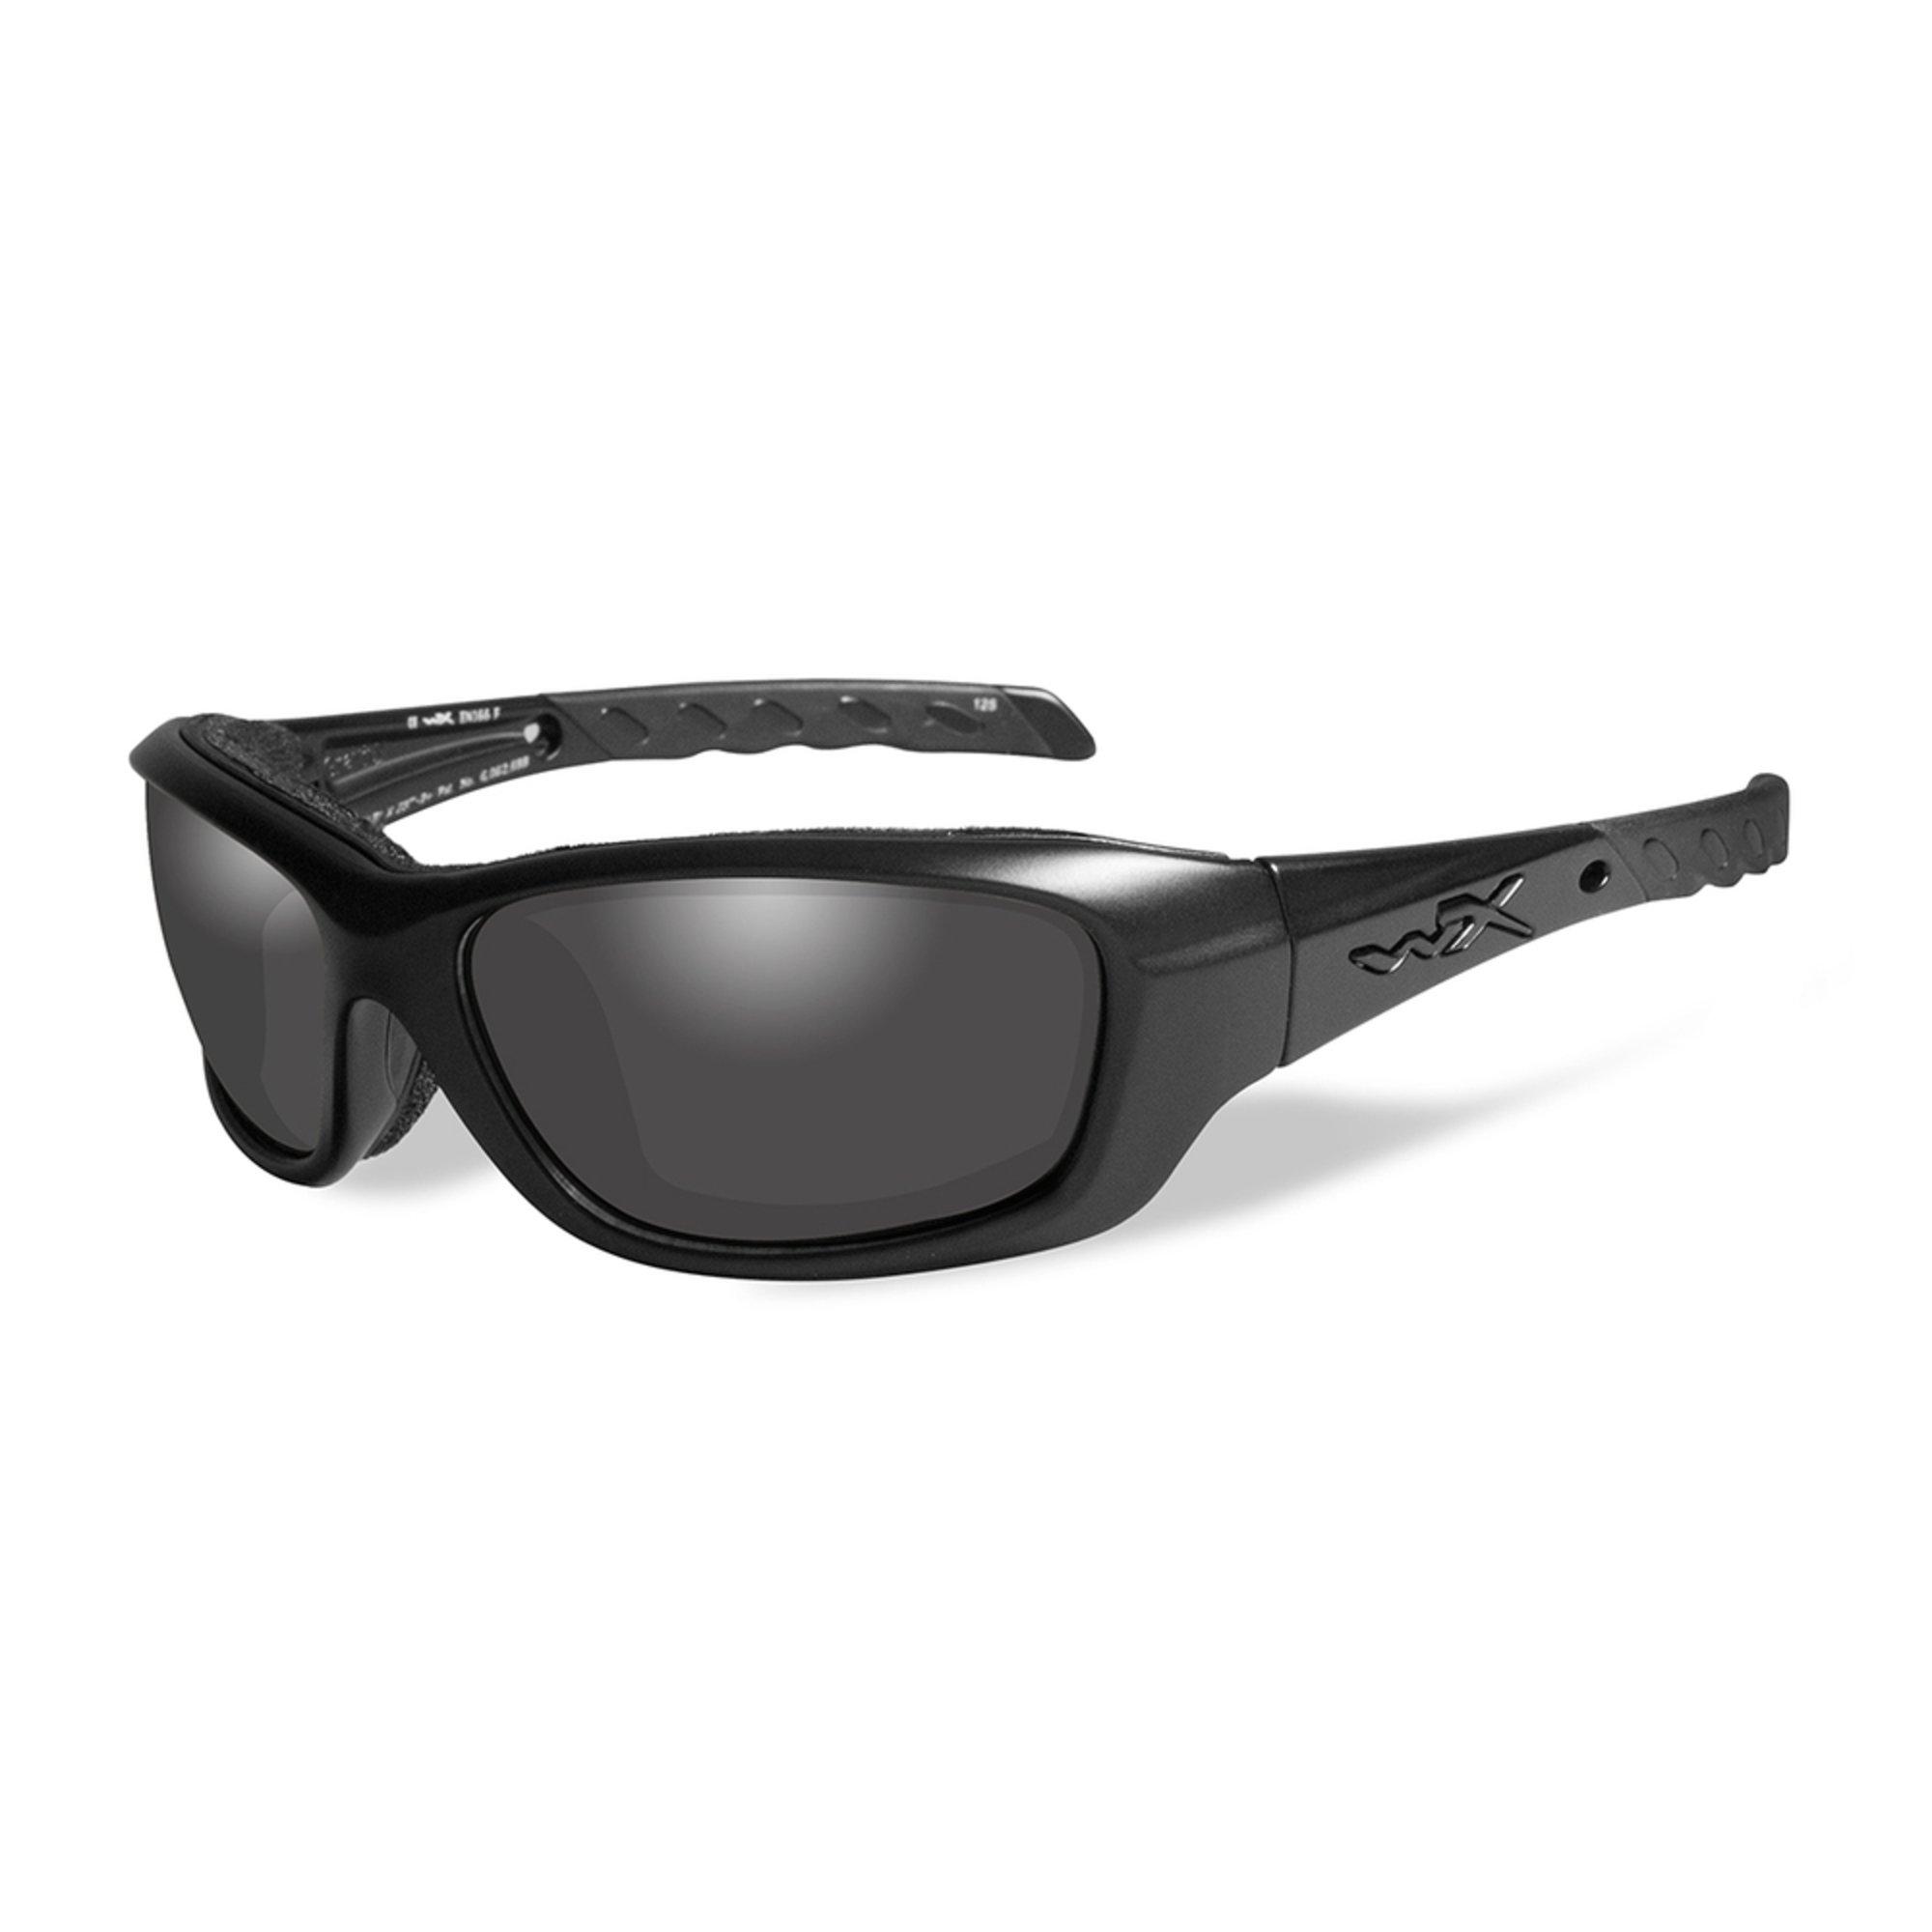 040ece5e1f Wiley X Men s Wx Gravity Ops Sunglasses